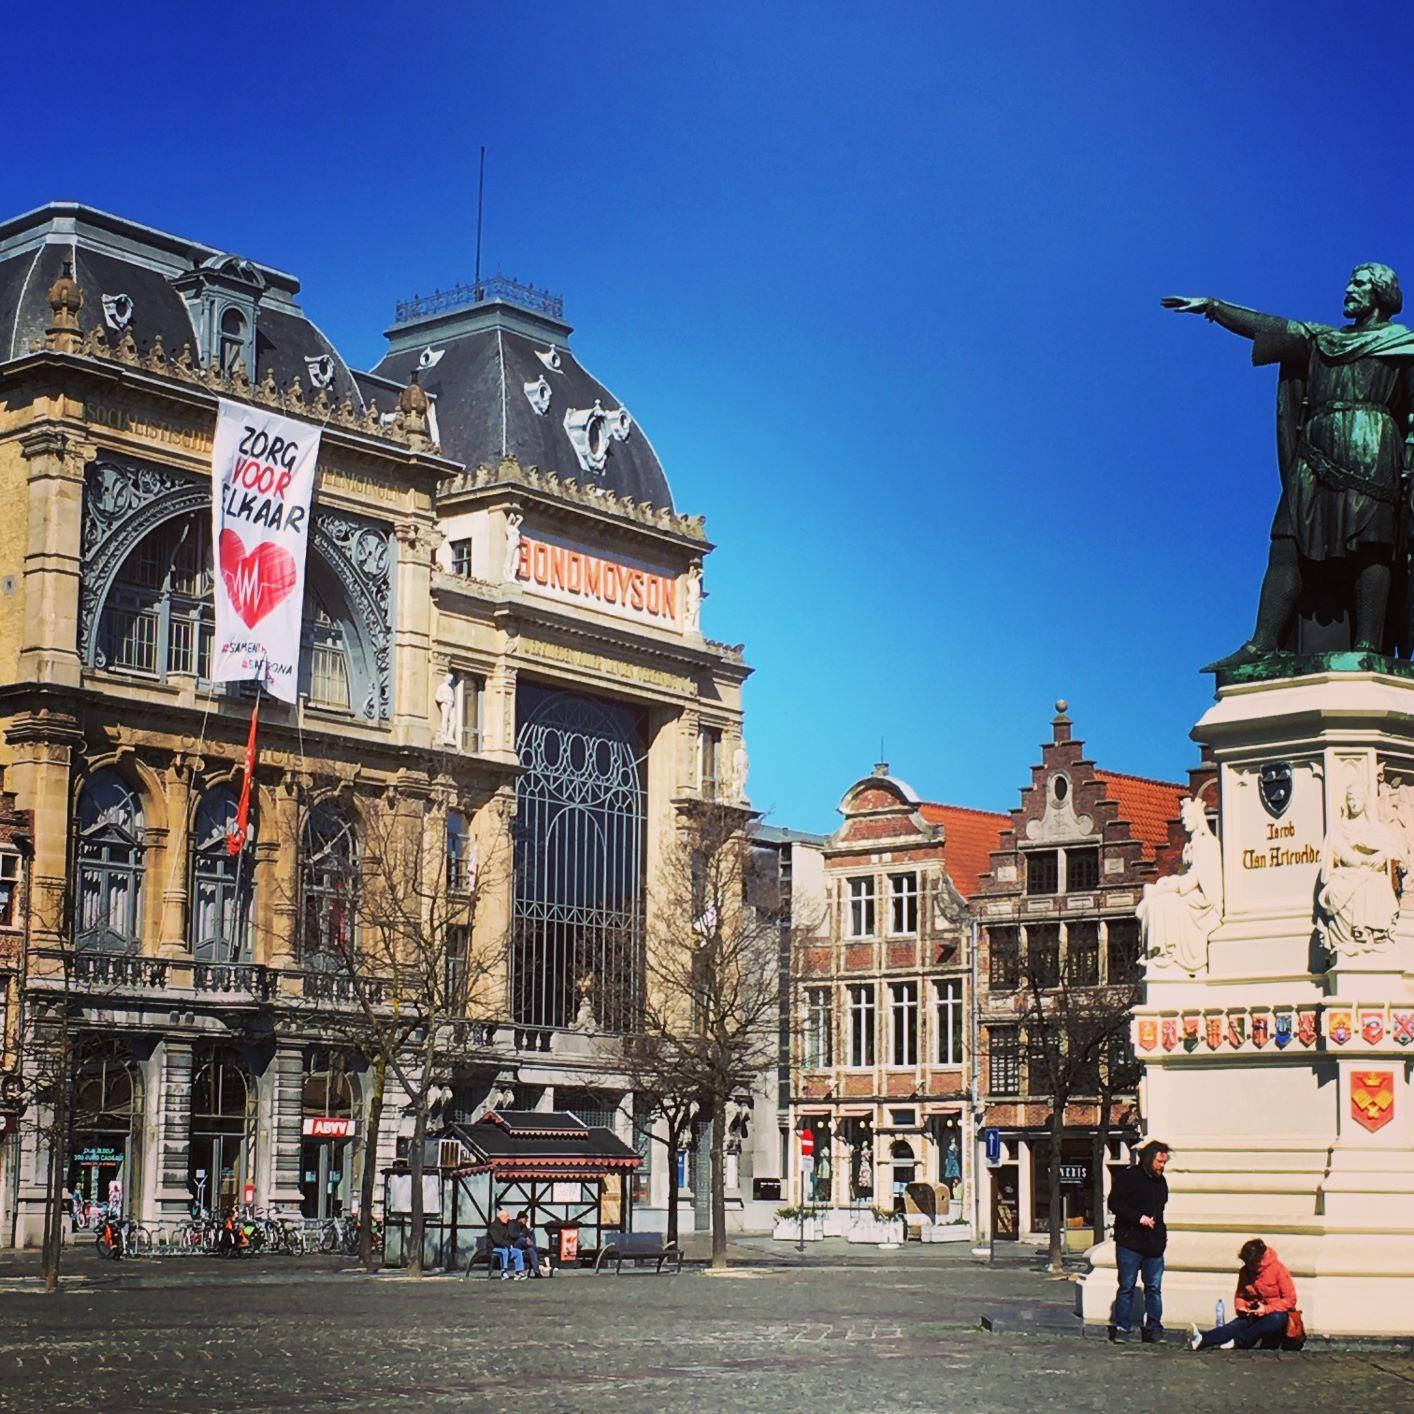 Gent vrijdagmarkt